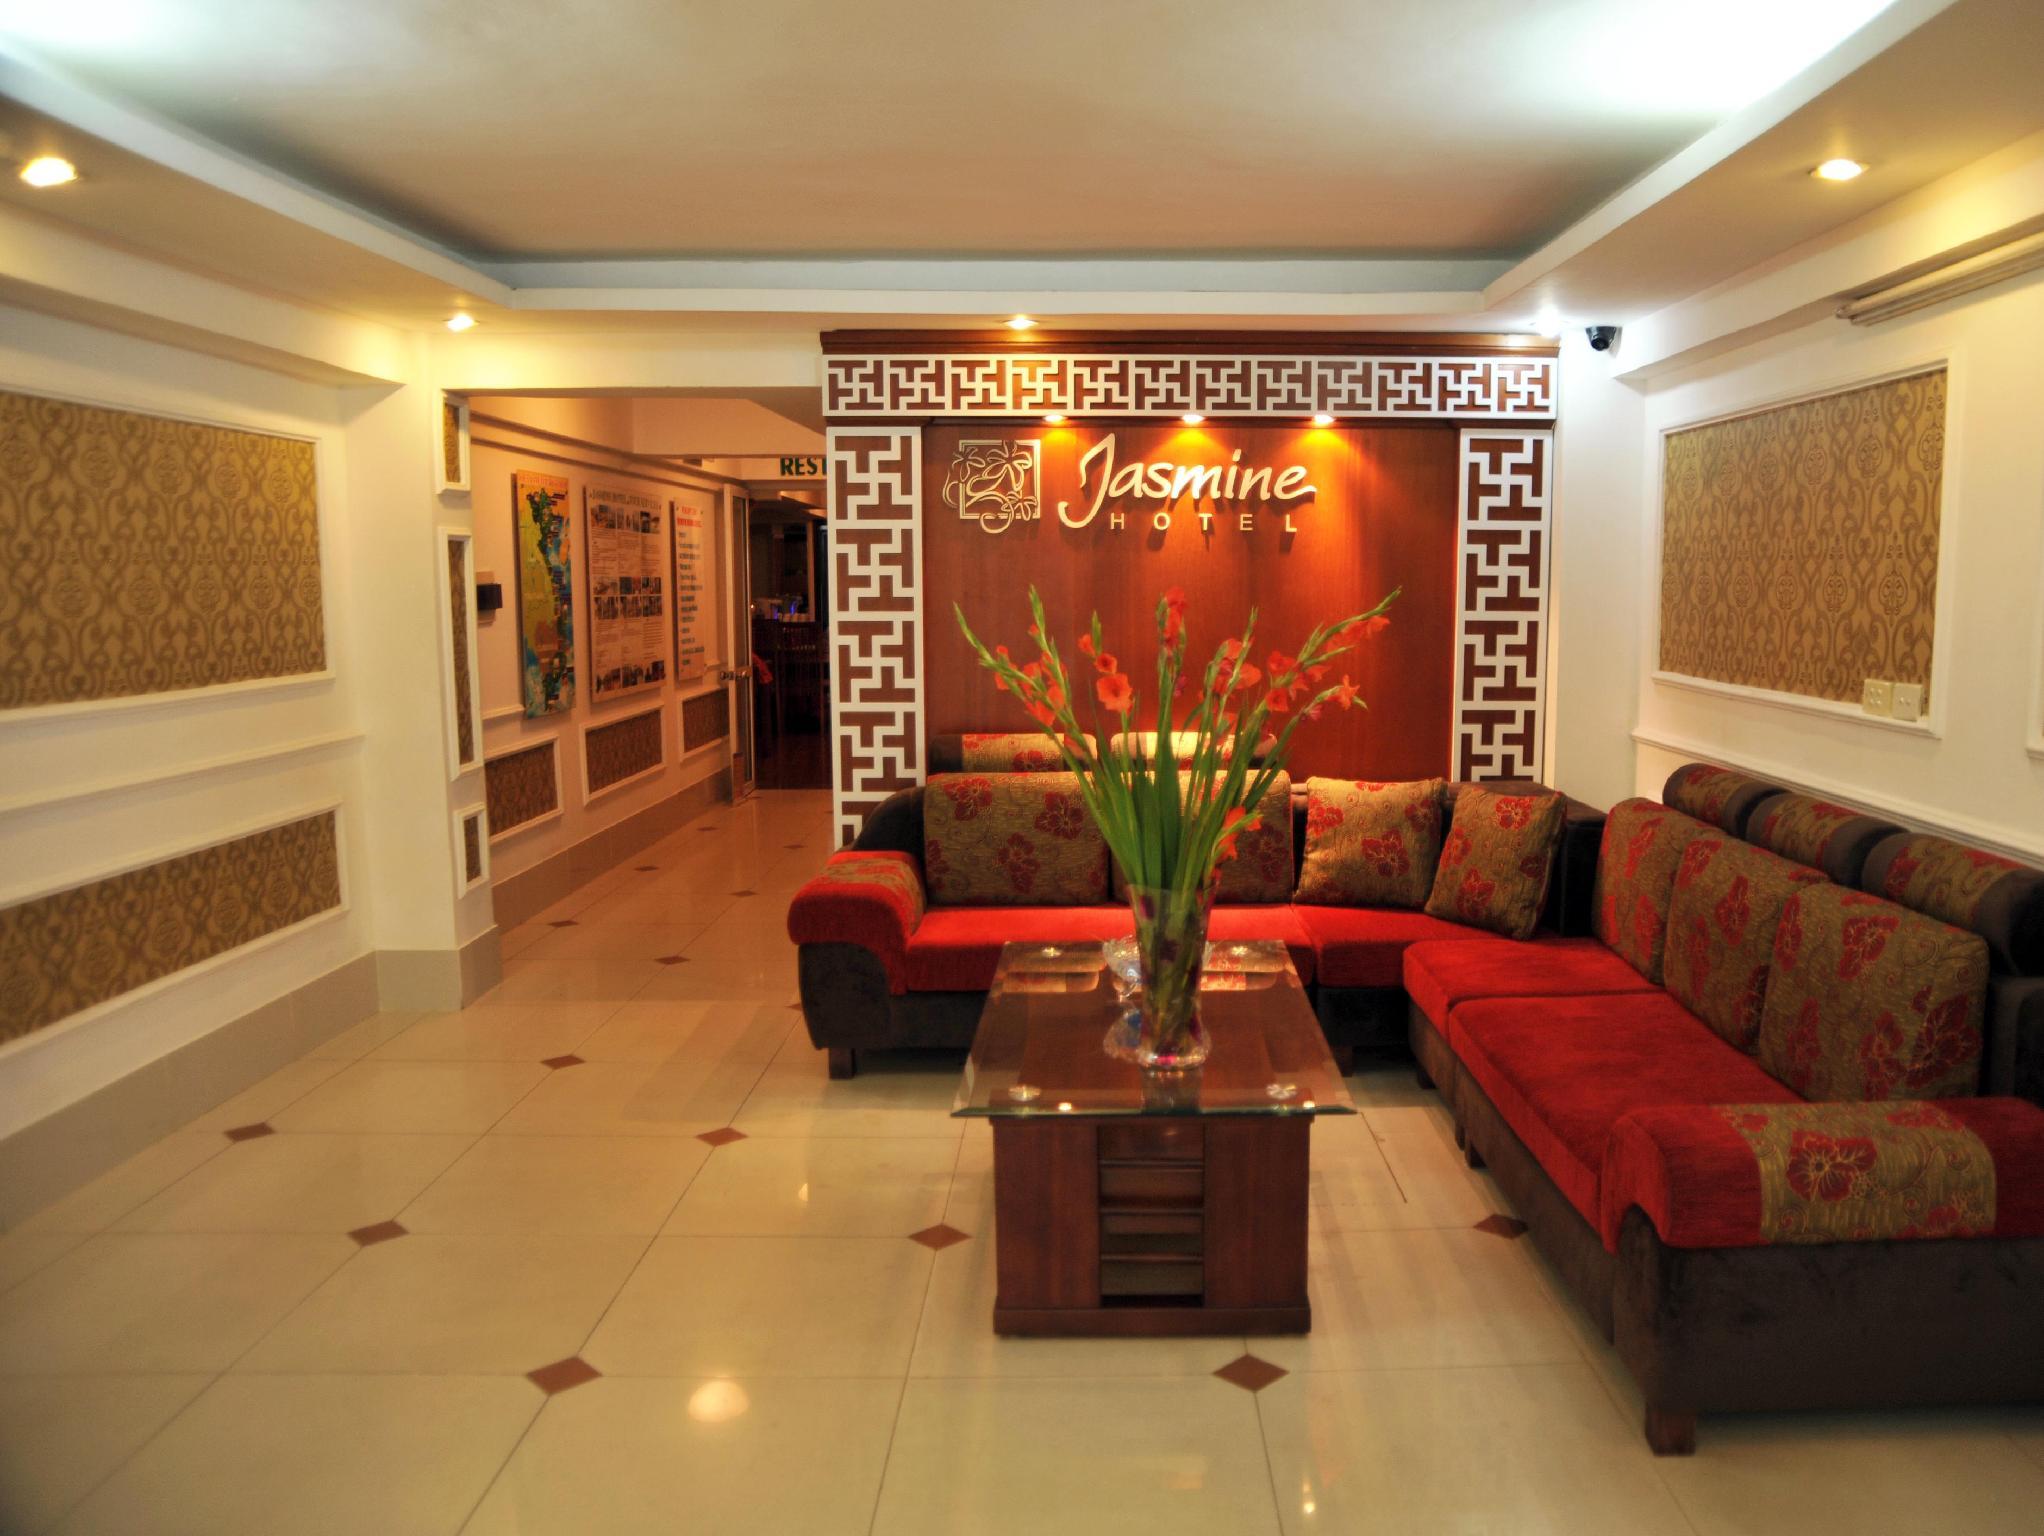 The Jasmine Hotel - Hotell och Boende i Vietnam , Hanoi